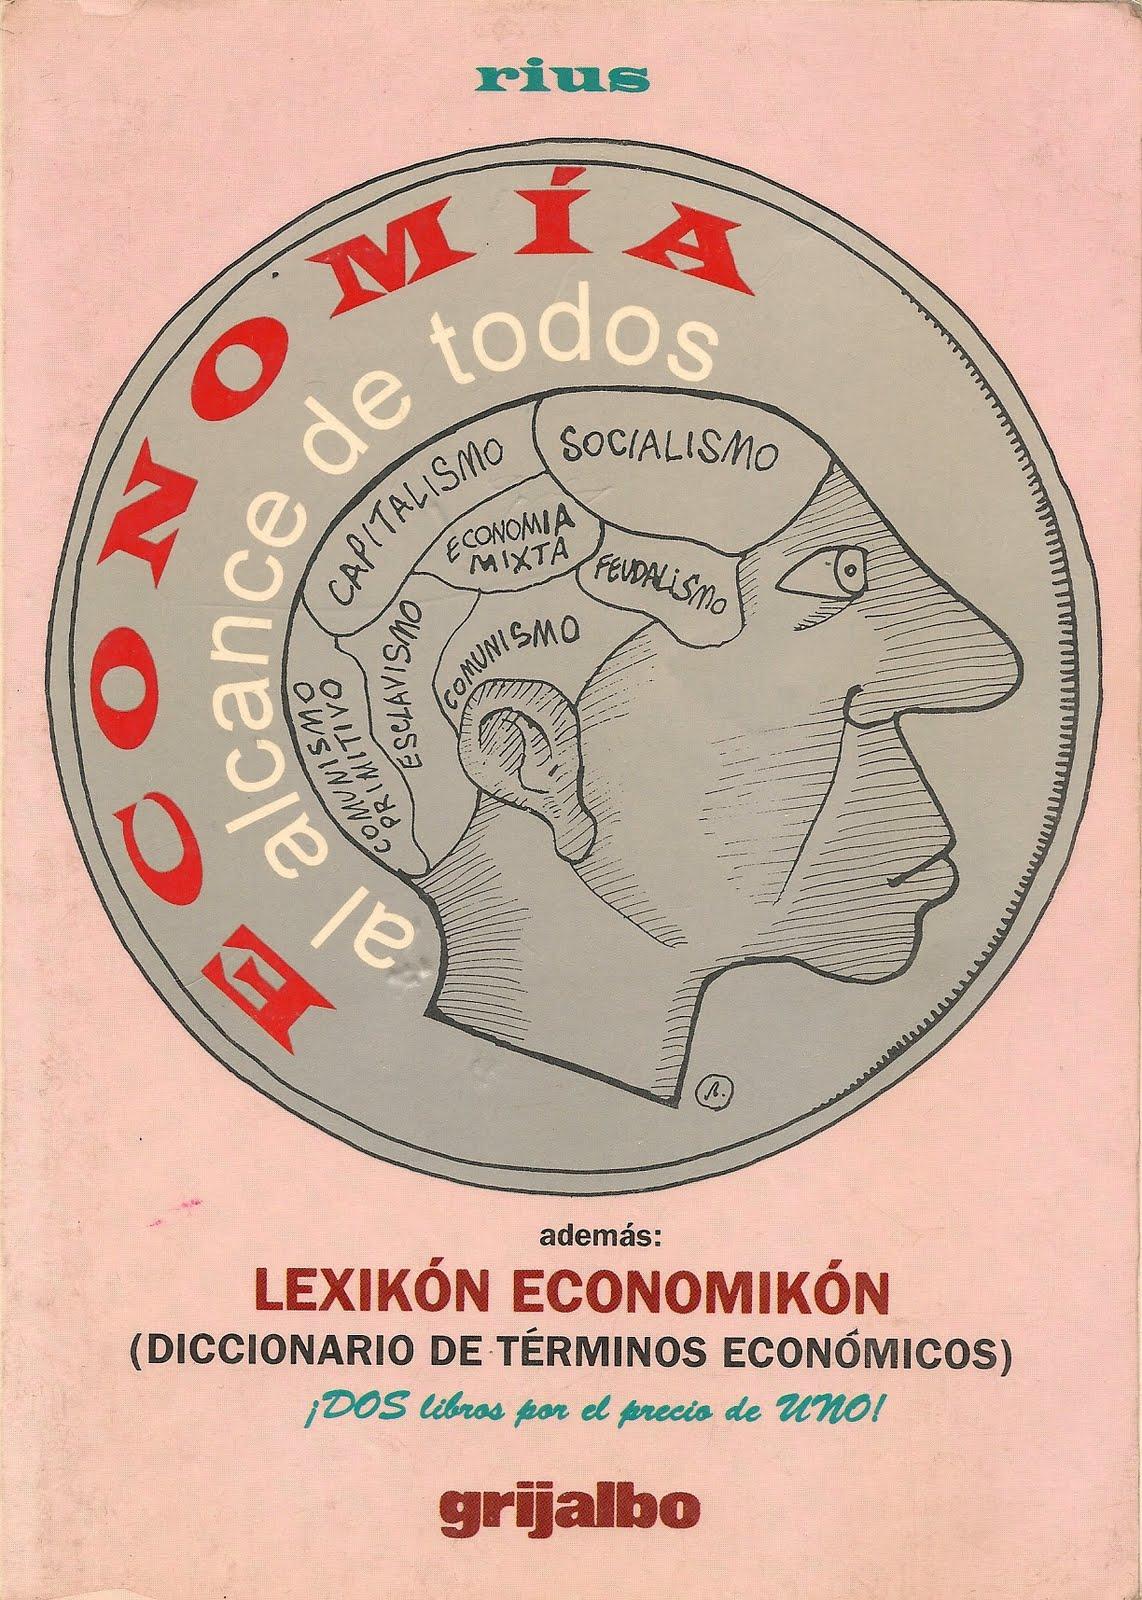 Libros le dos lvi econom a al alcance de todos